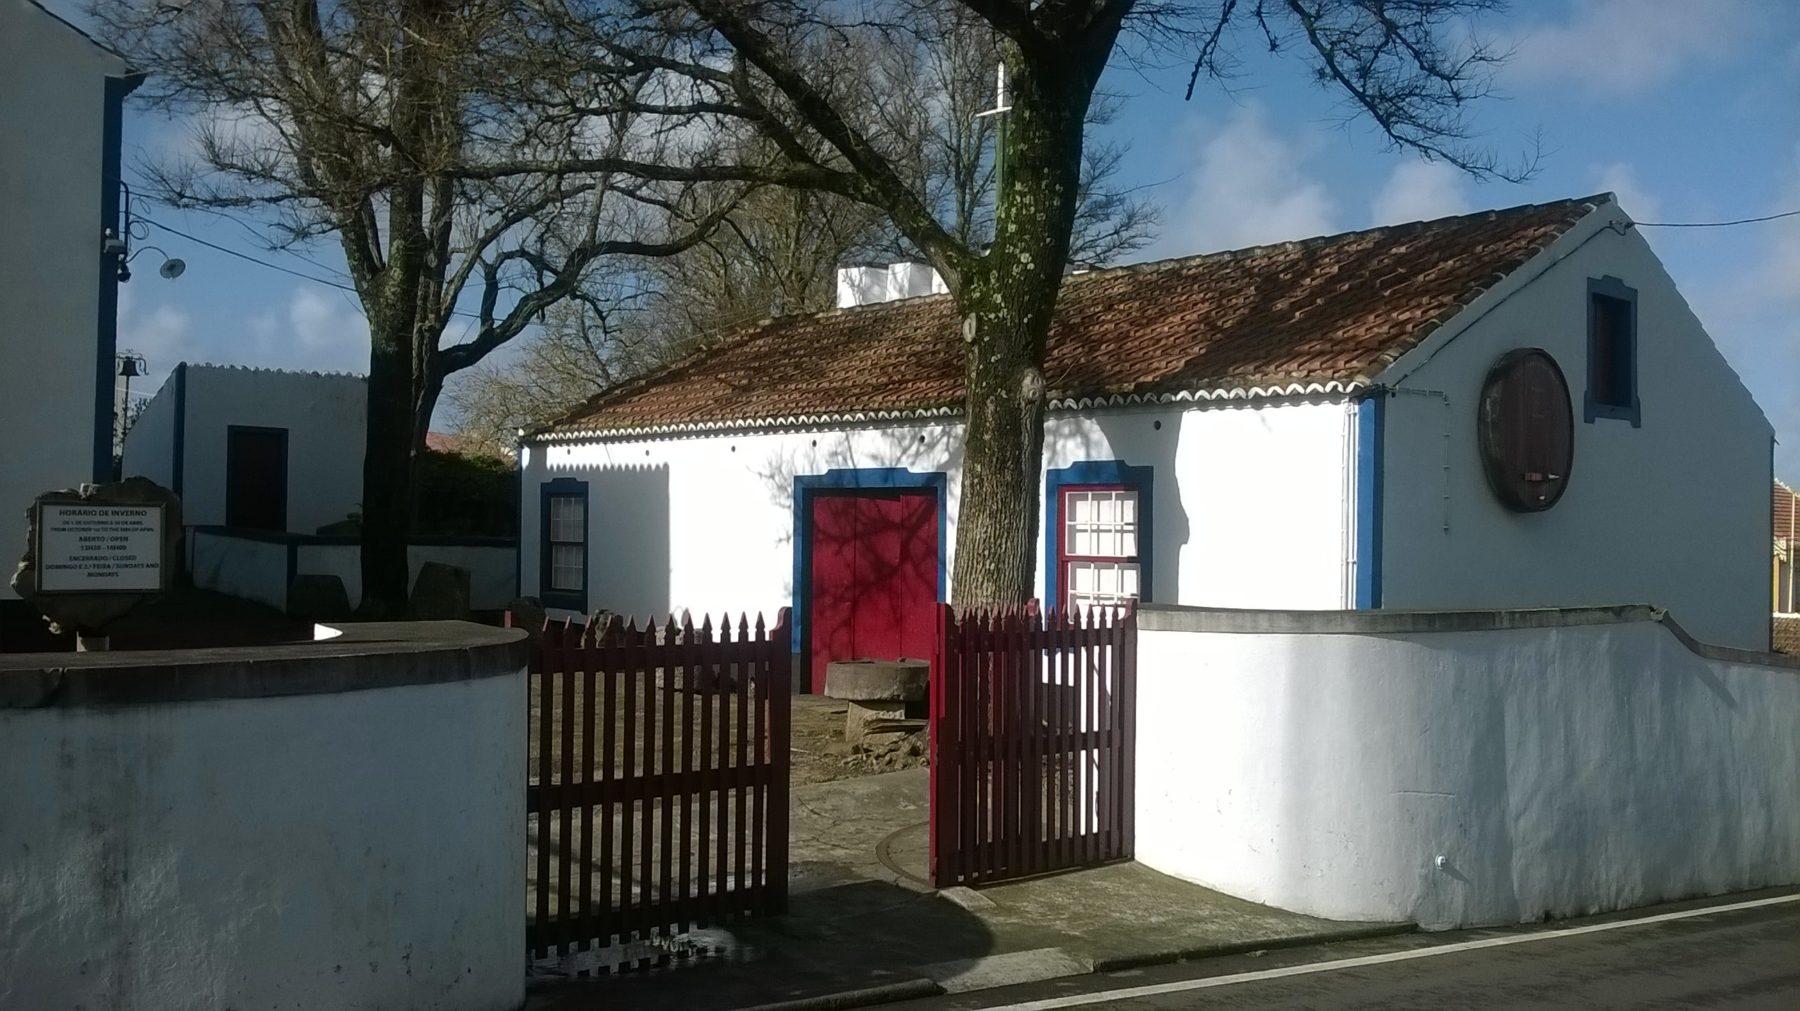 Museu do Vinho dos Biscoitos - Terceira, Açores